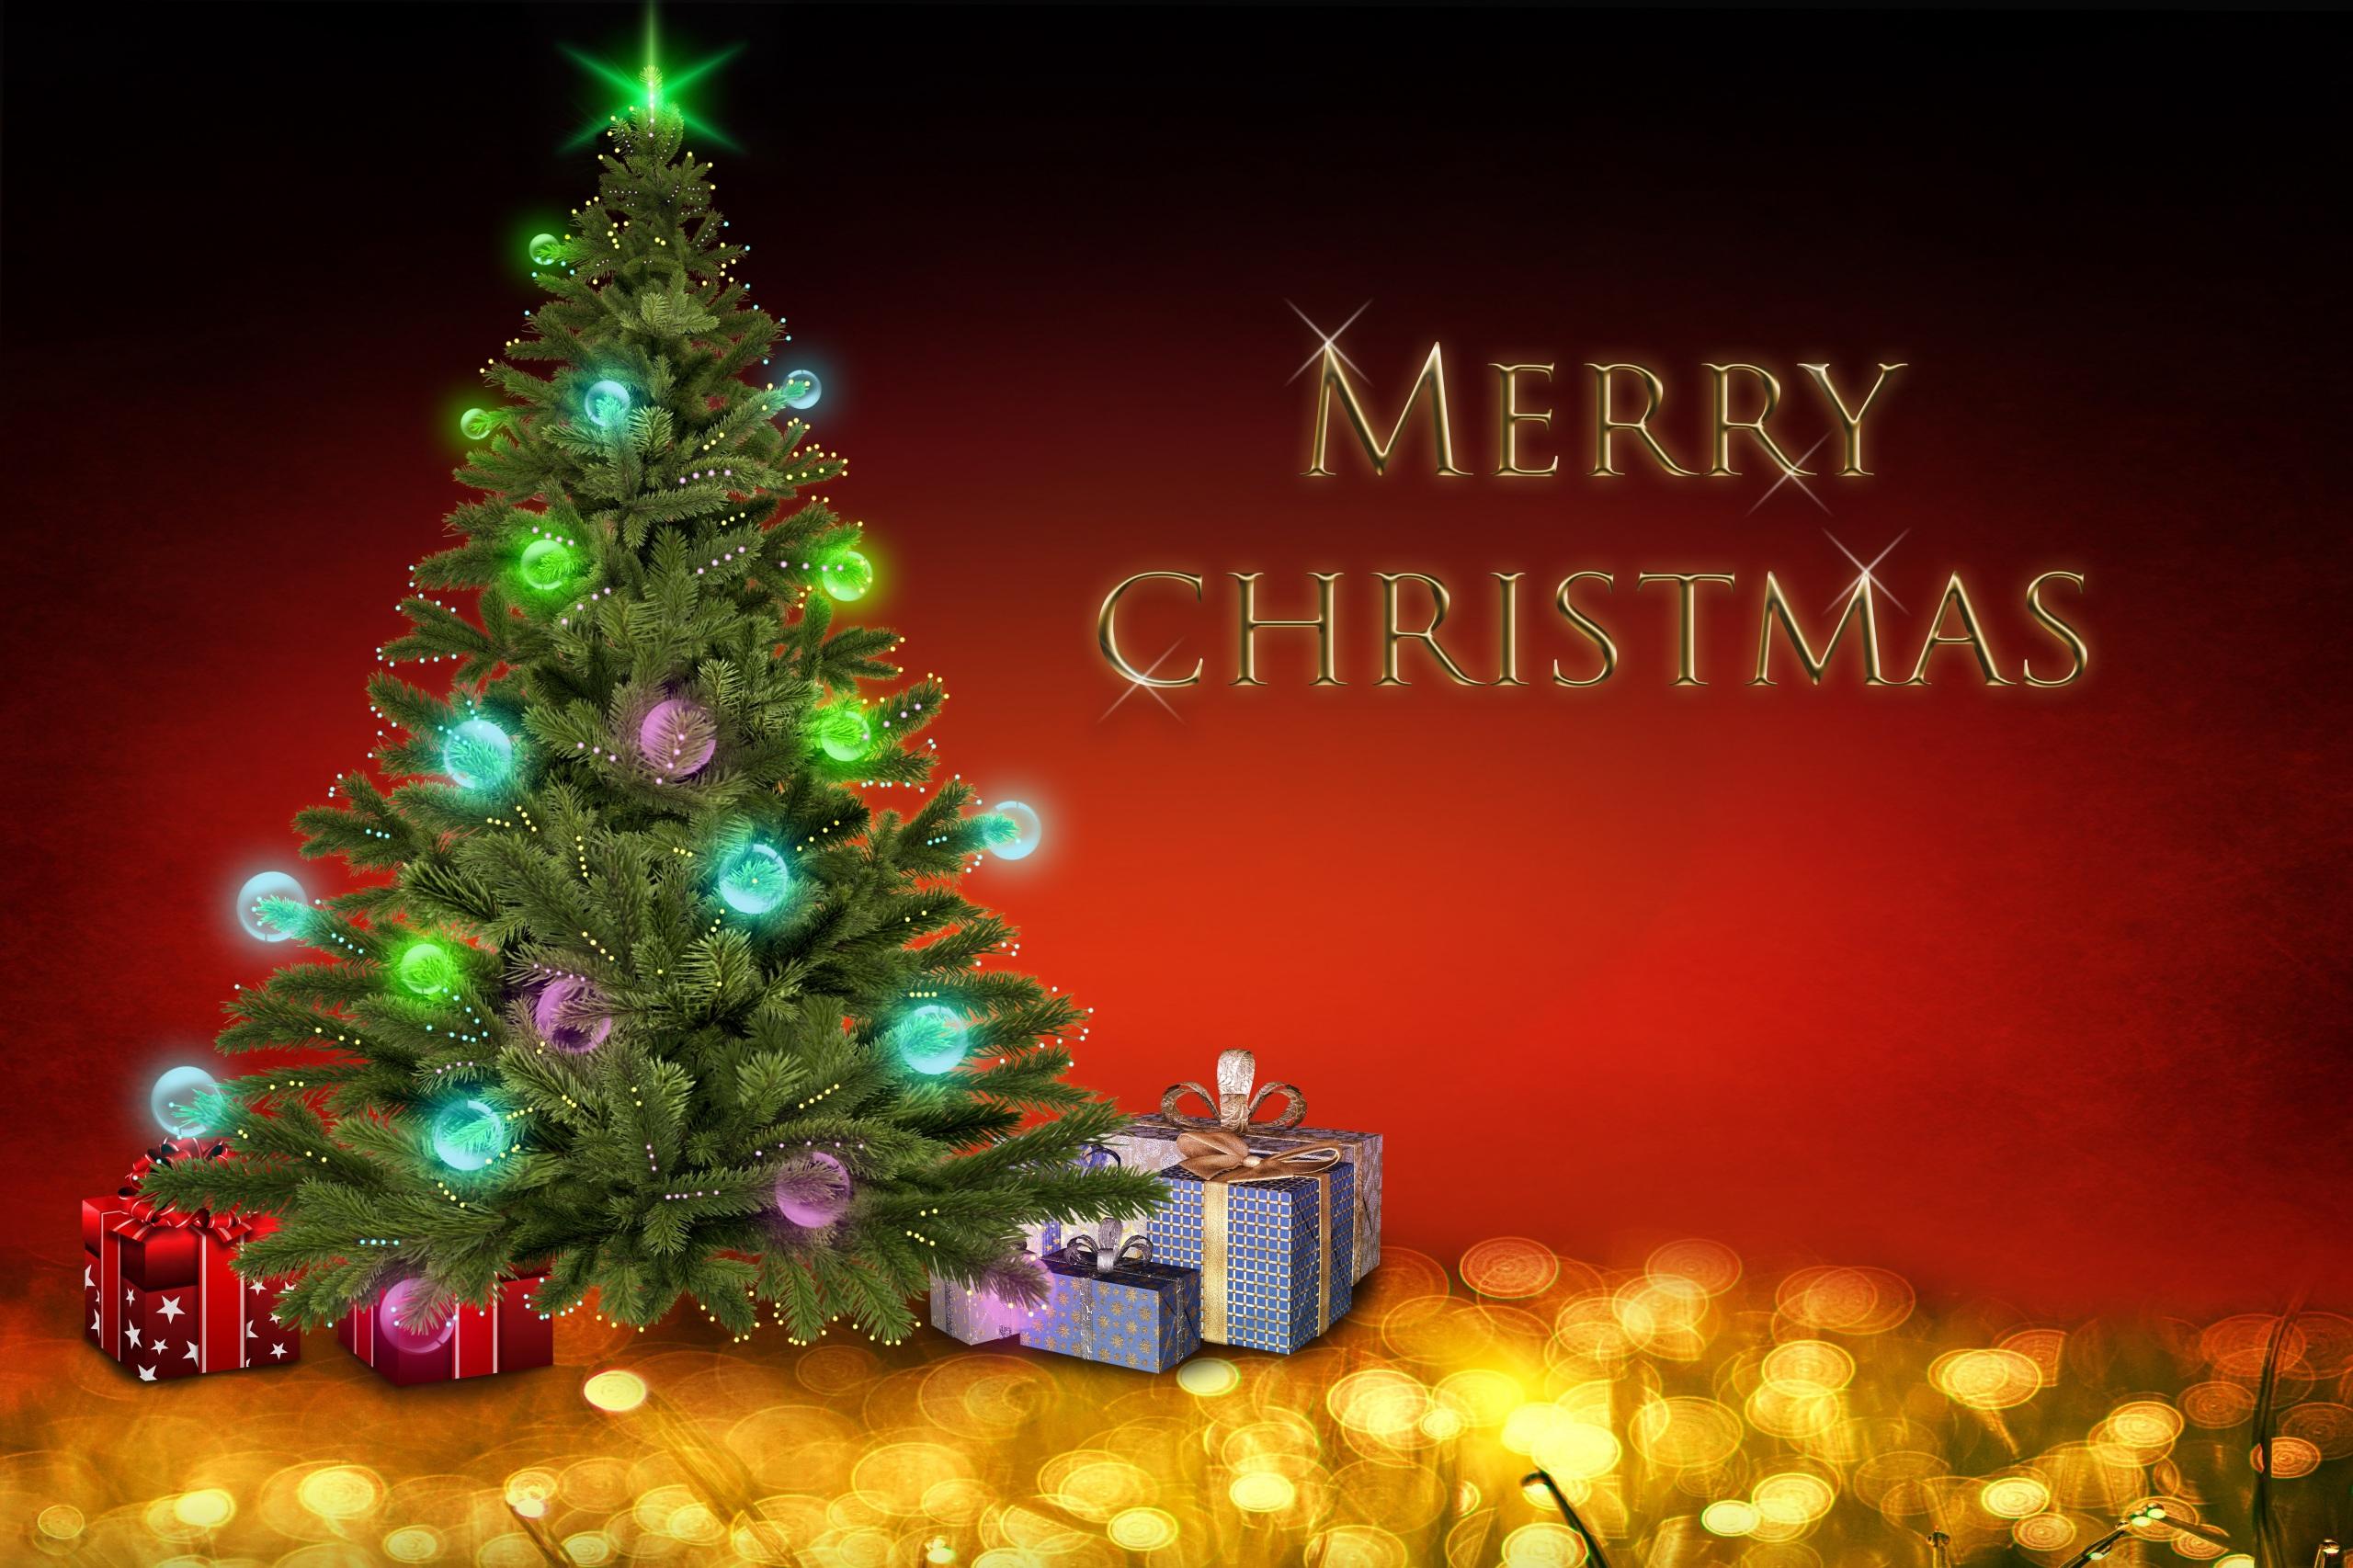 Merry Christmas Christmas Tree 2560x1706